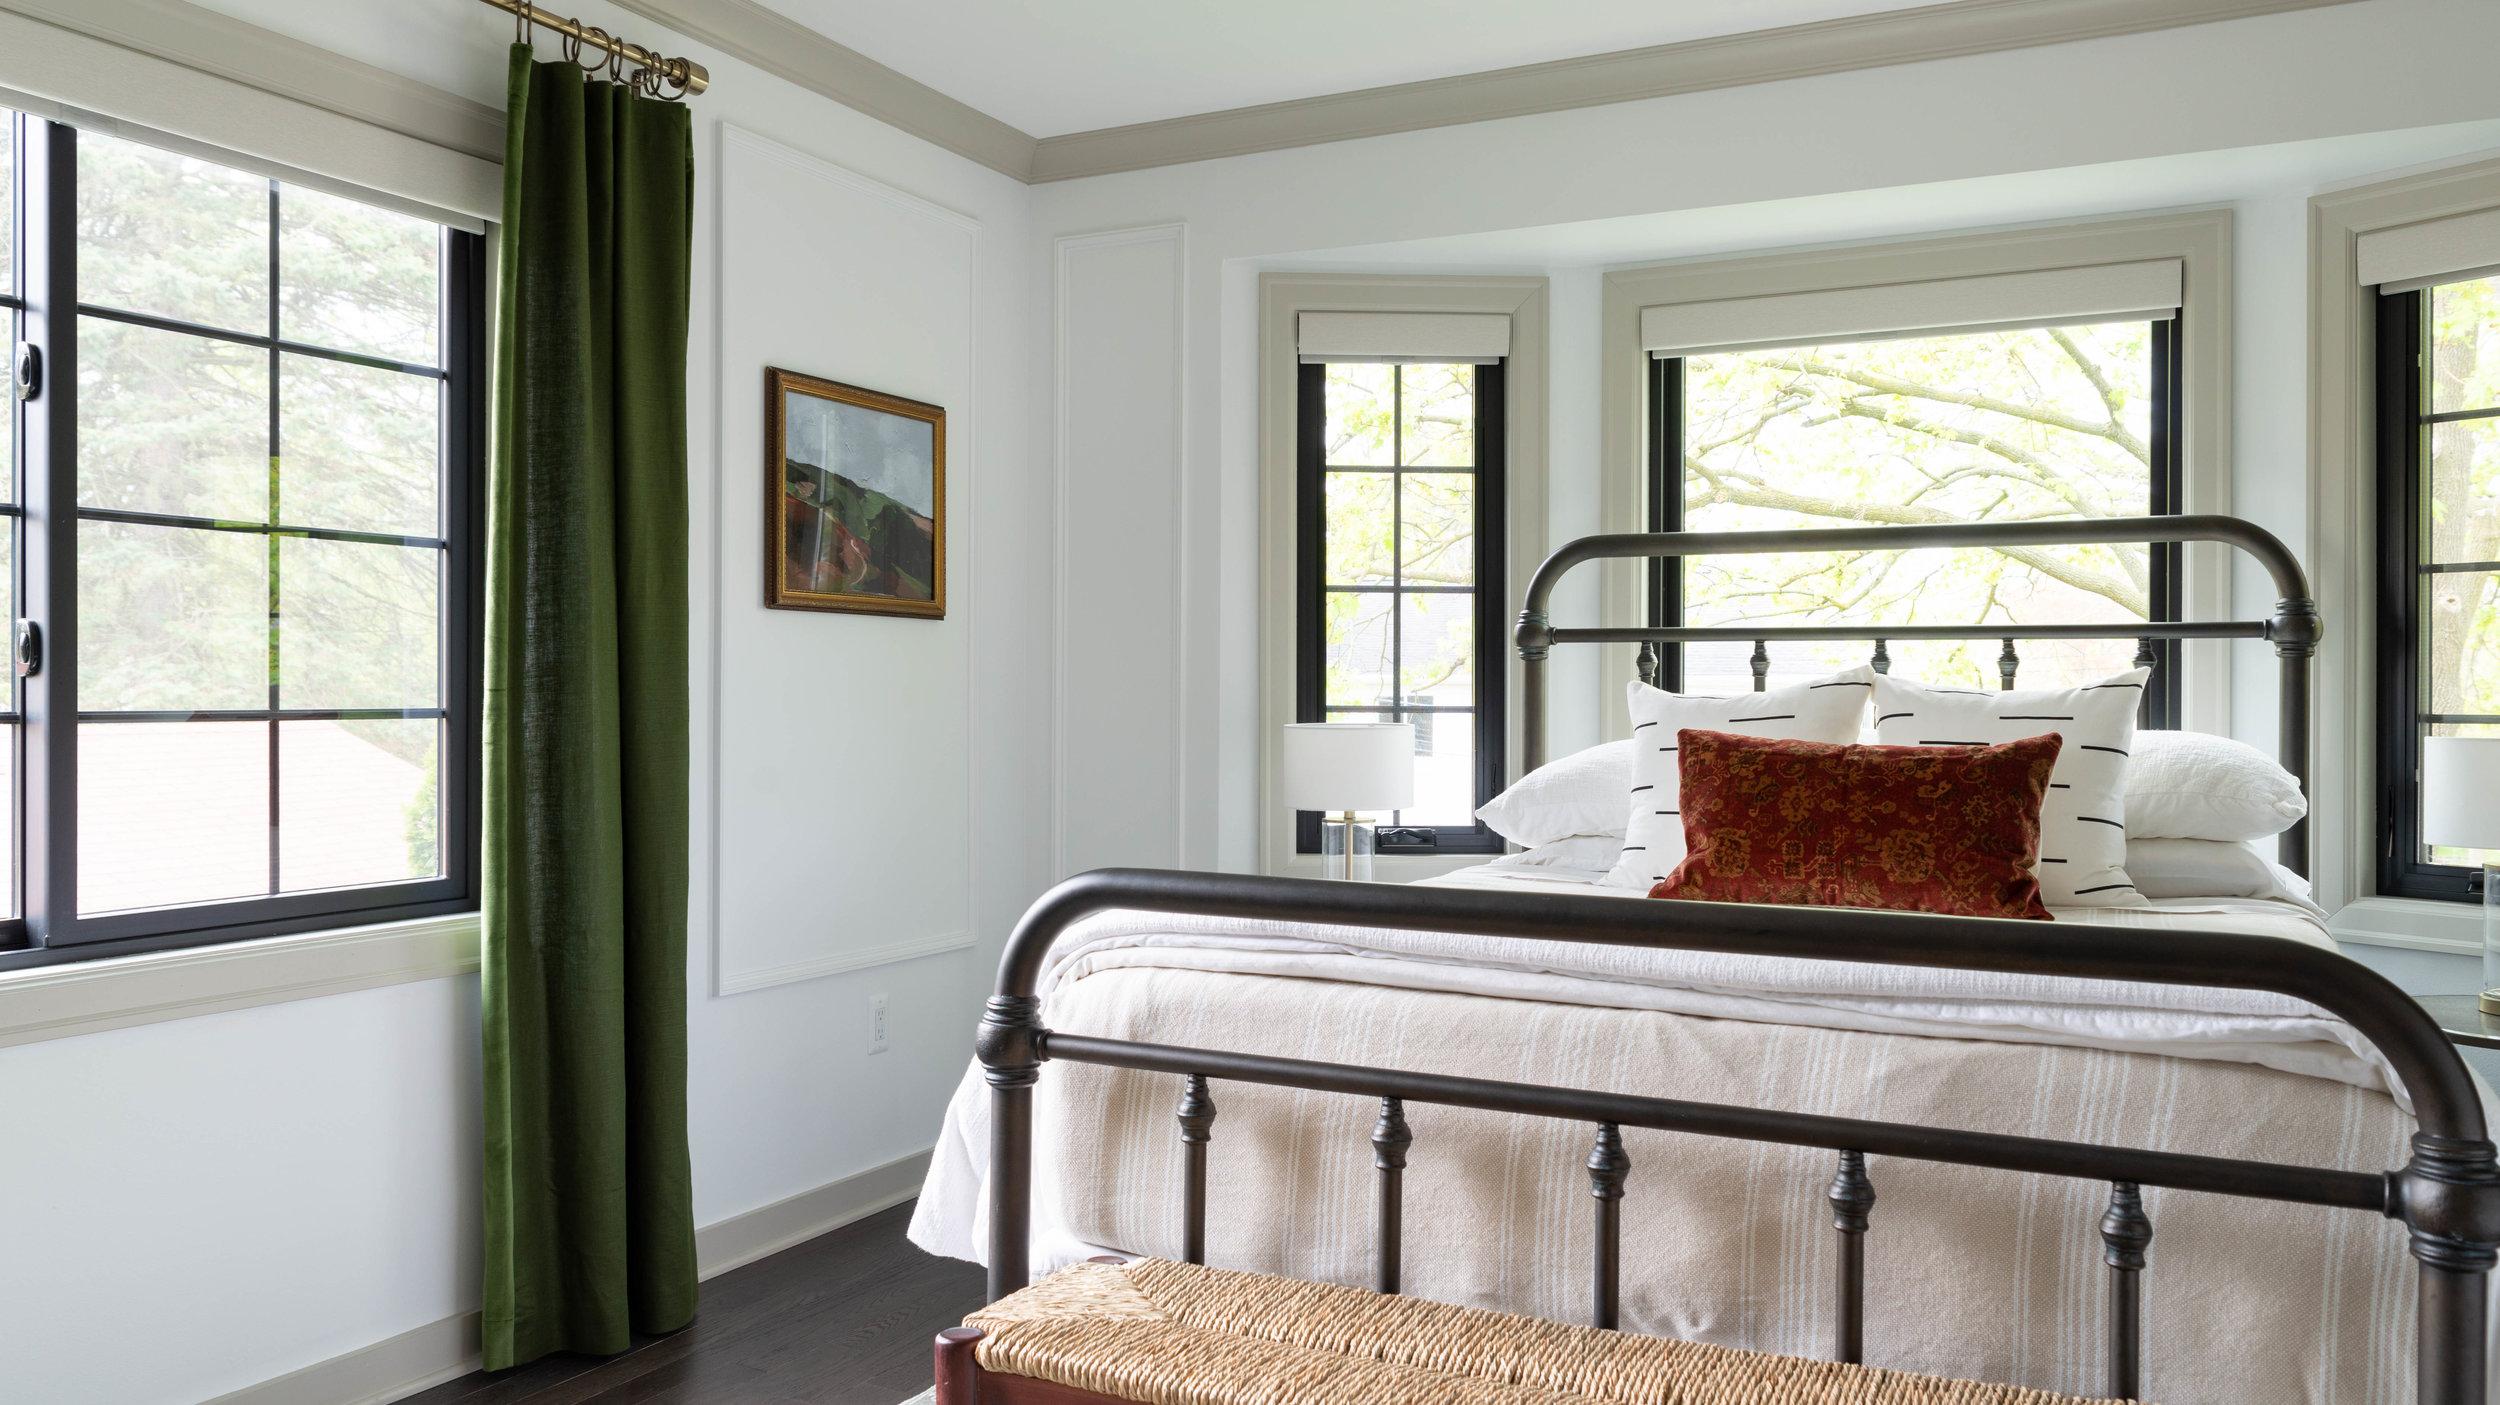 Mater-Bedroom-Styling-Decor-2.jpg